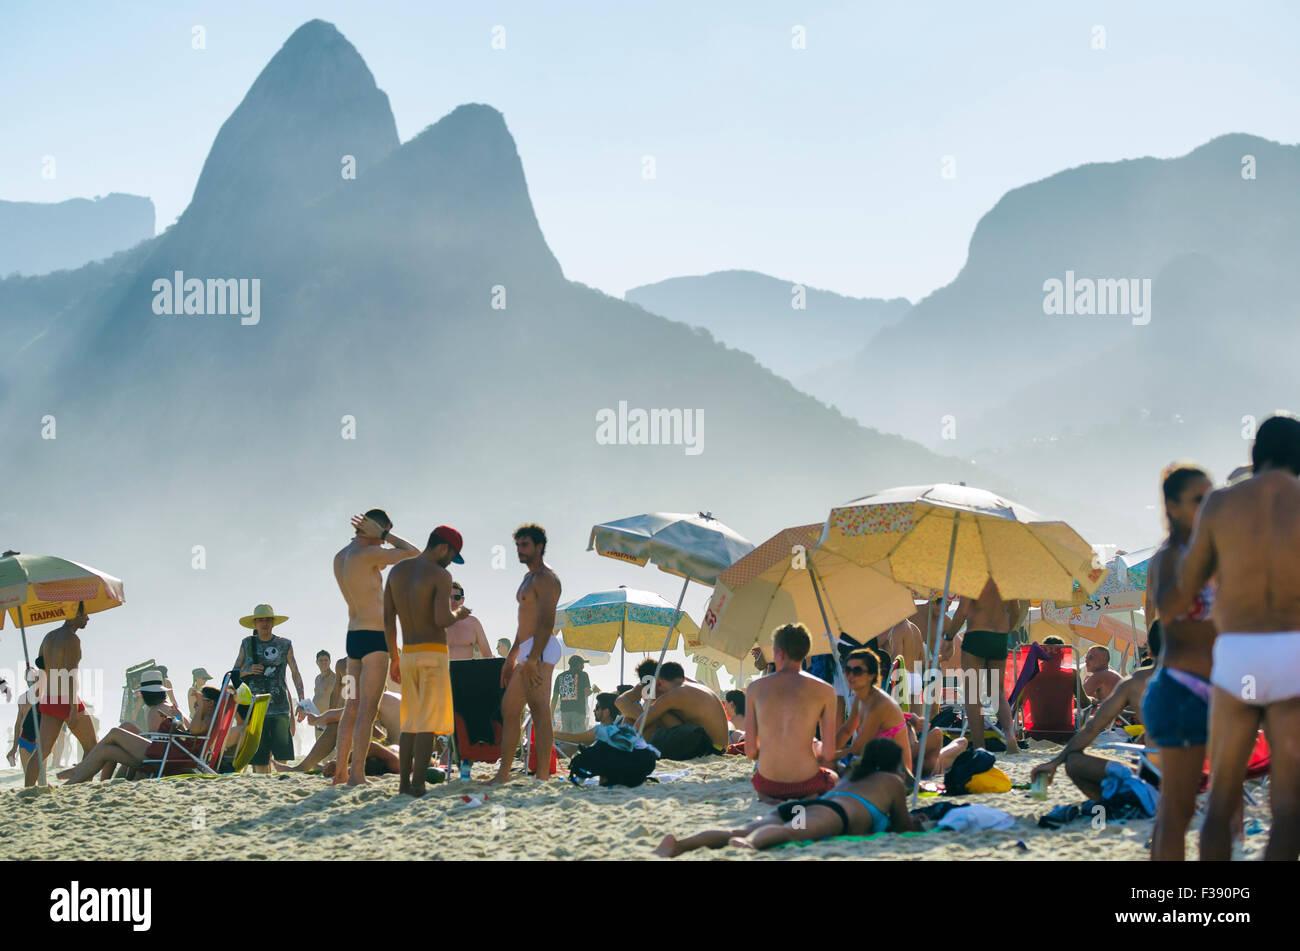 RIO DE JANEIRO, Brésil - le 20 janvier 2013: les habitants et visiteurs se pressent la plage d'Ipanema Photo Stock